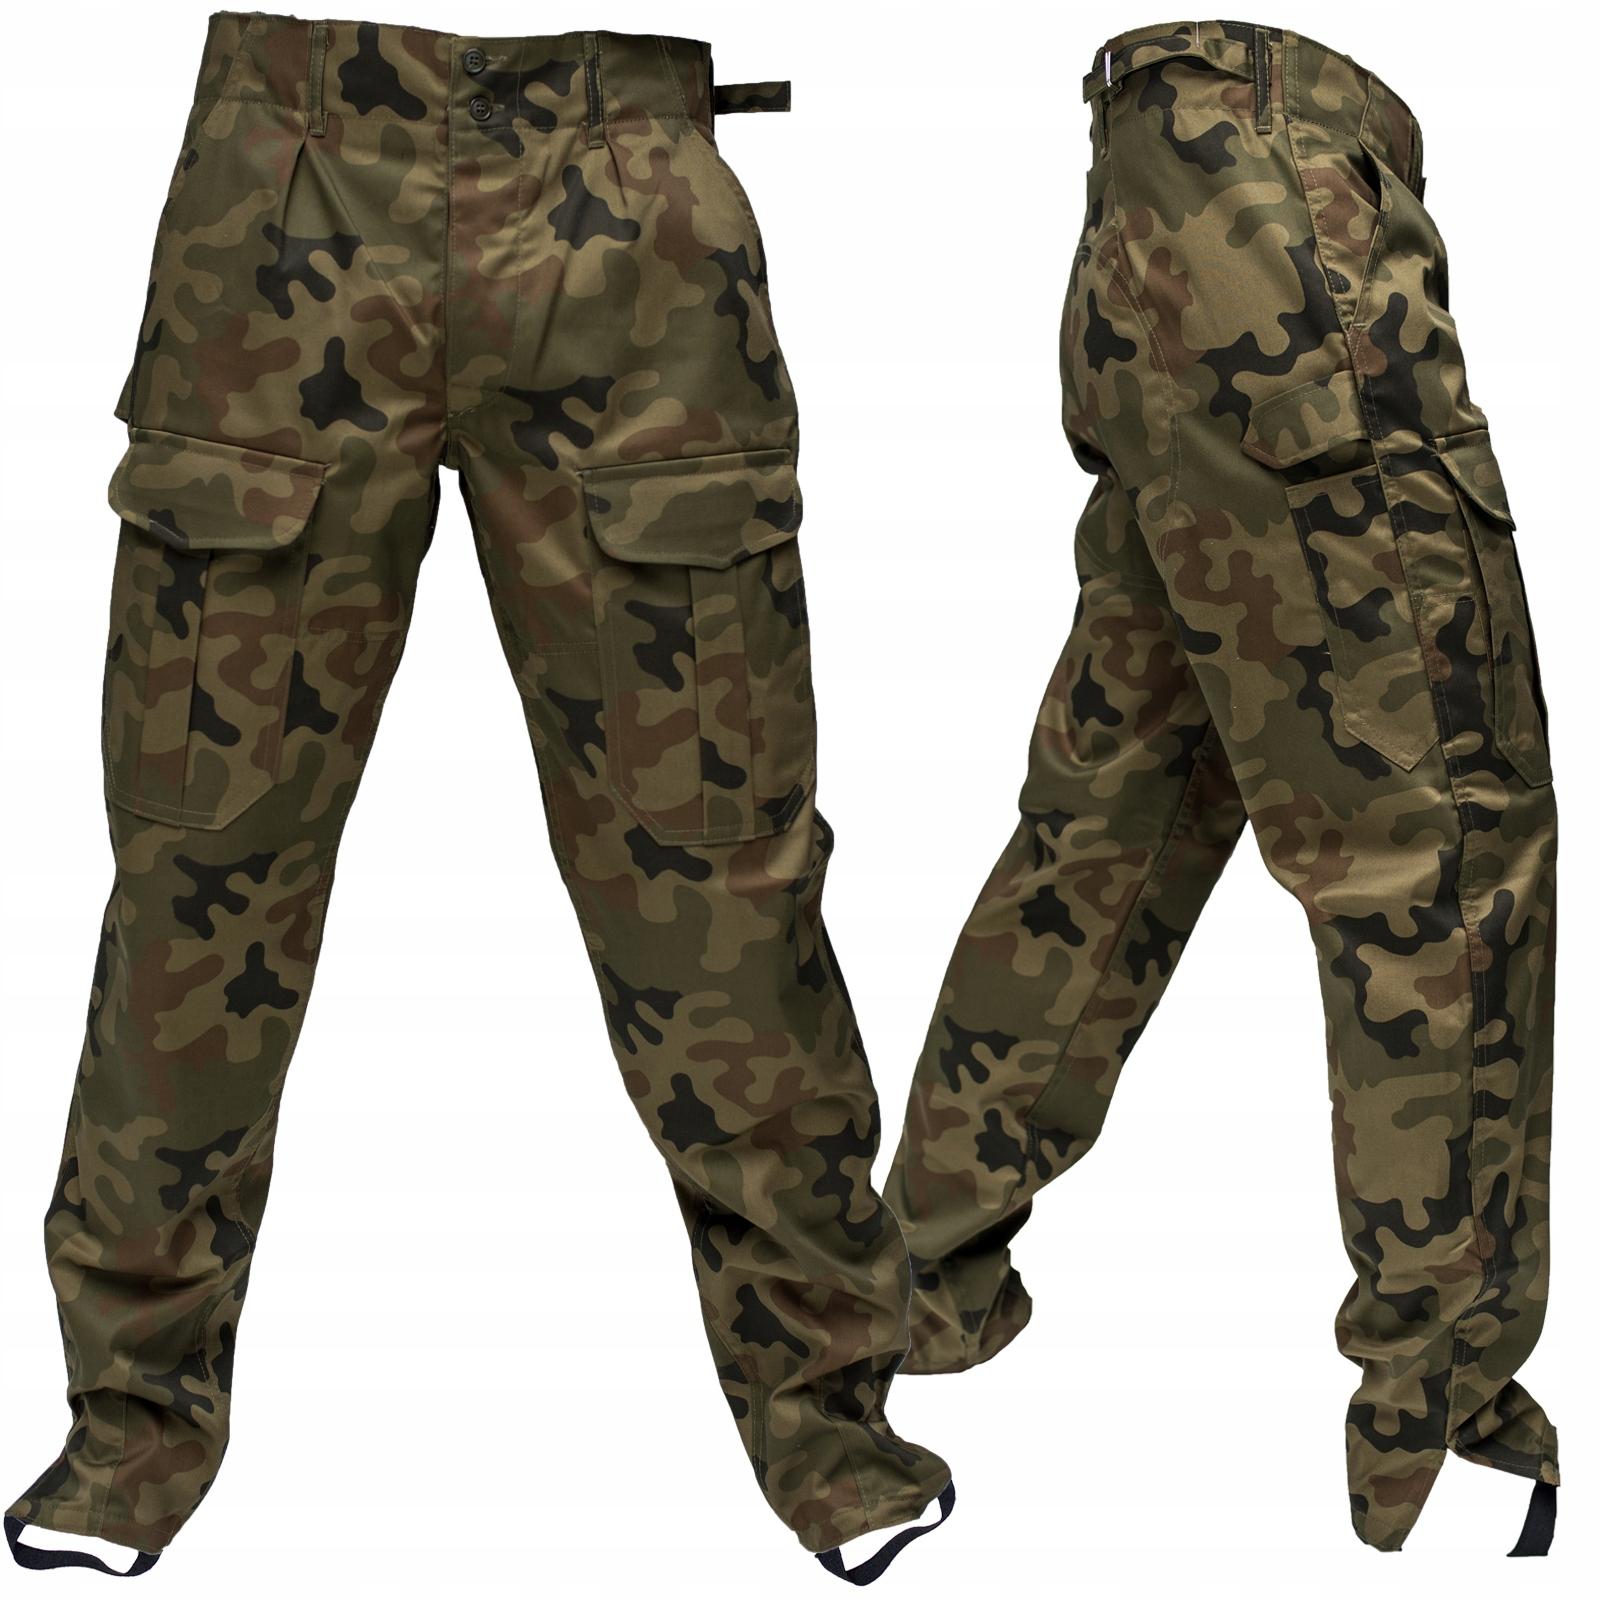 брюки Военные   камуфляж МИЛИЦИЯ новые разм. L